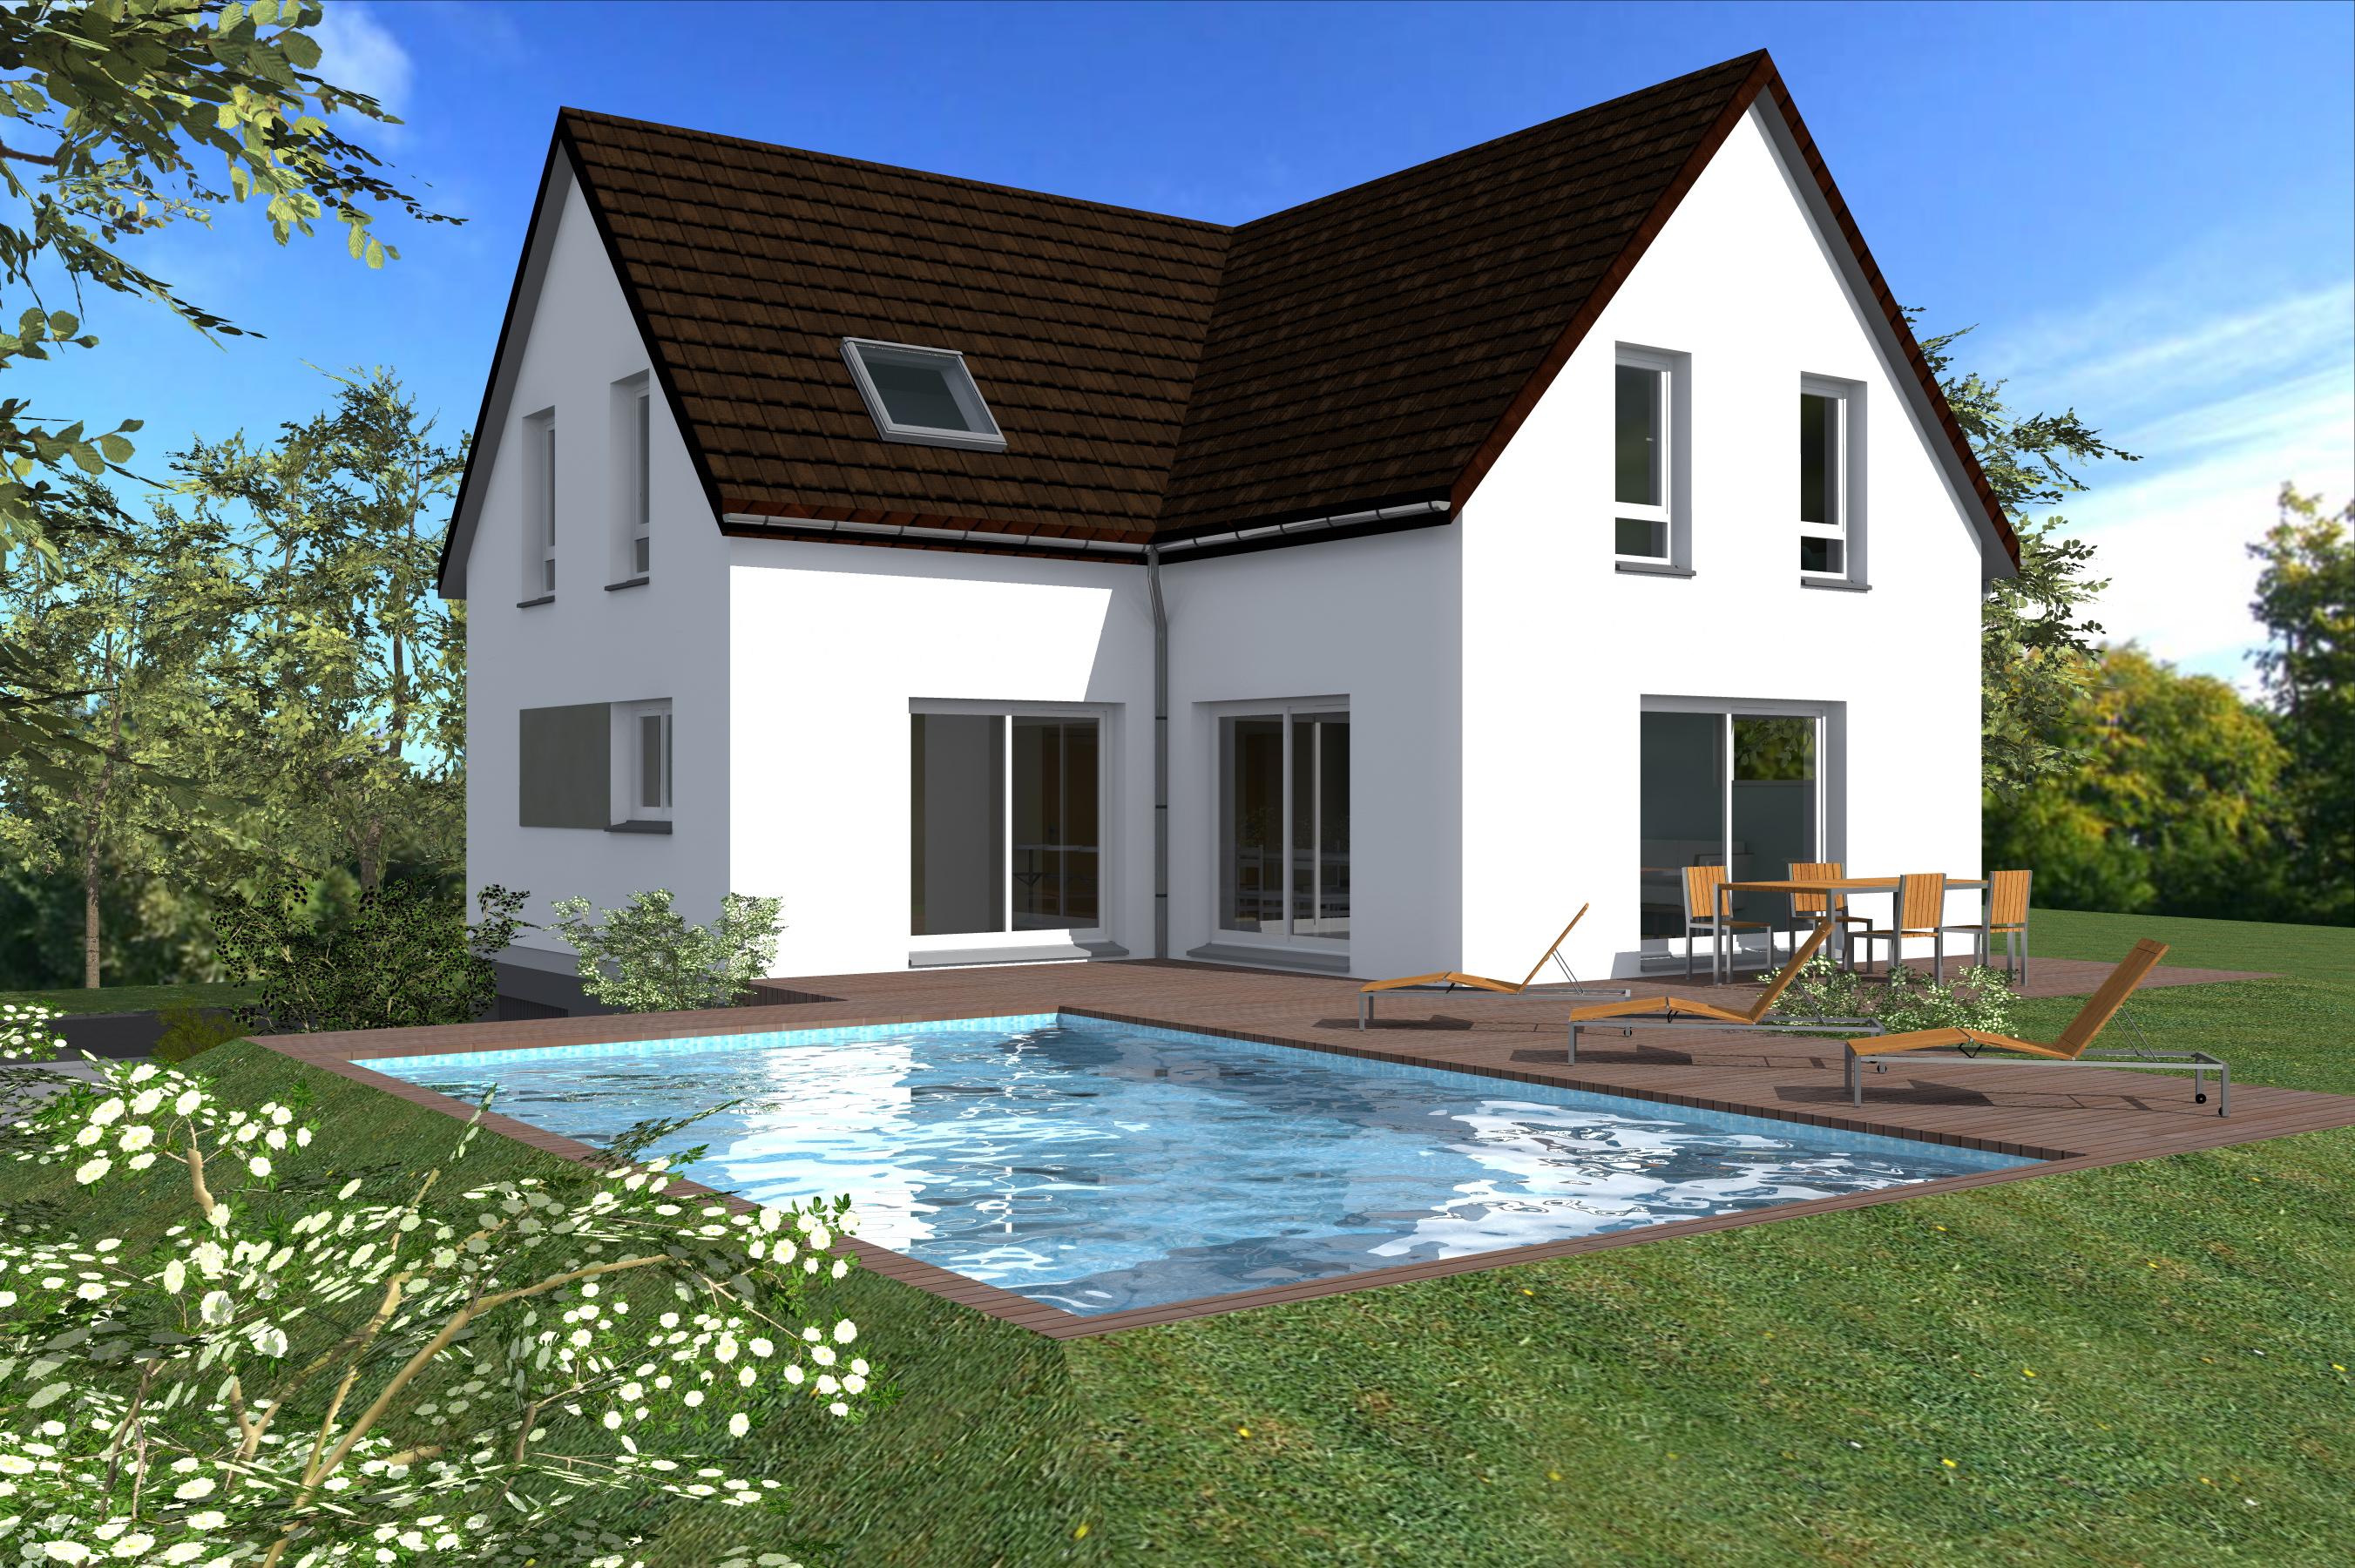 Le blog construction renovation construction for Construire une maison a moindre cout